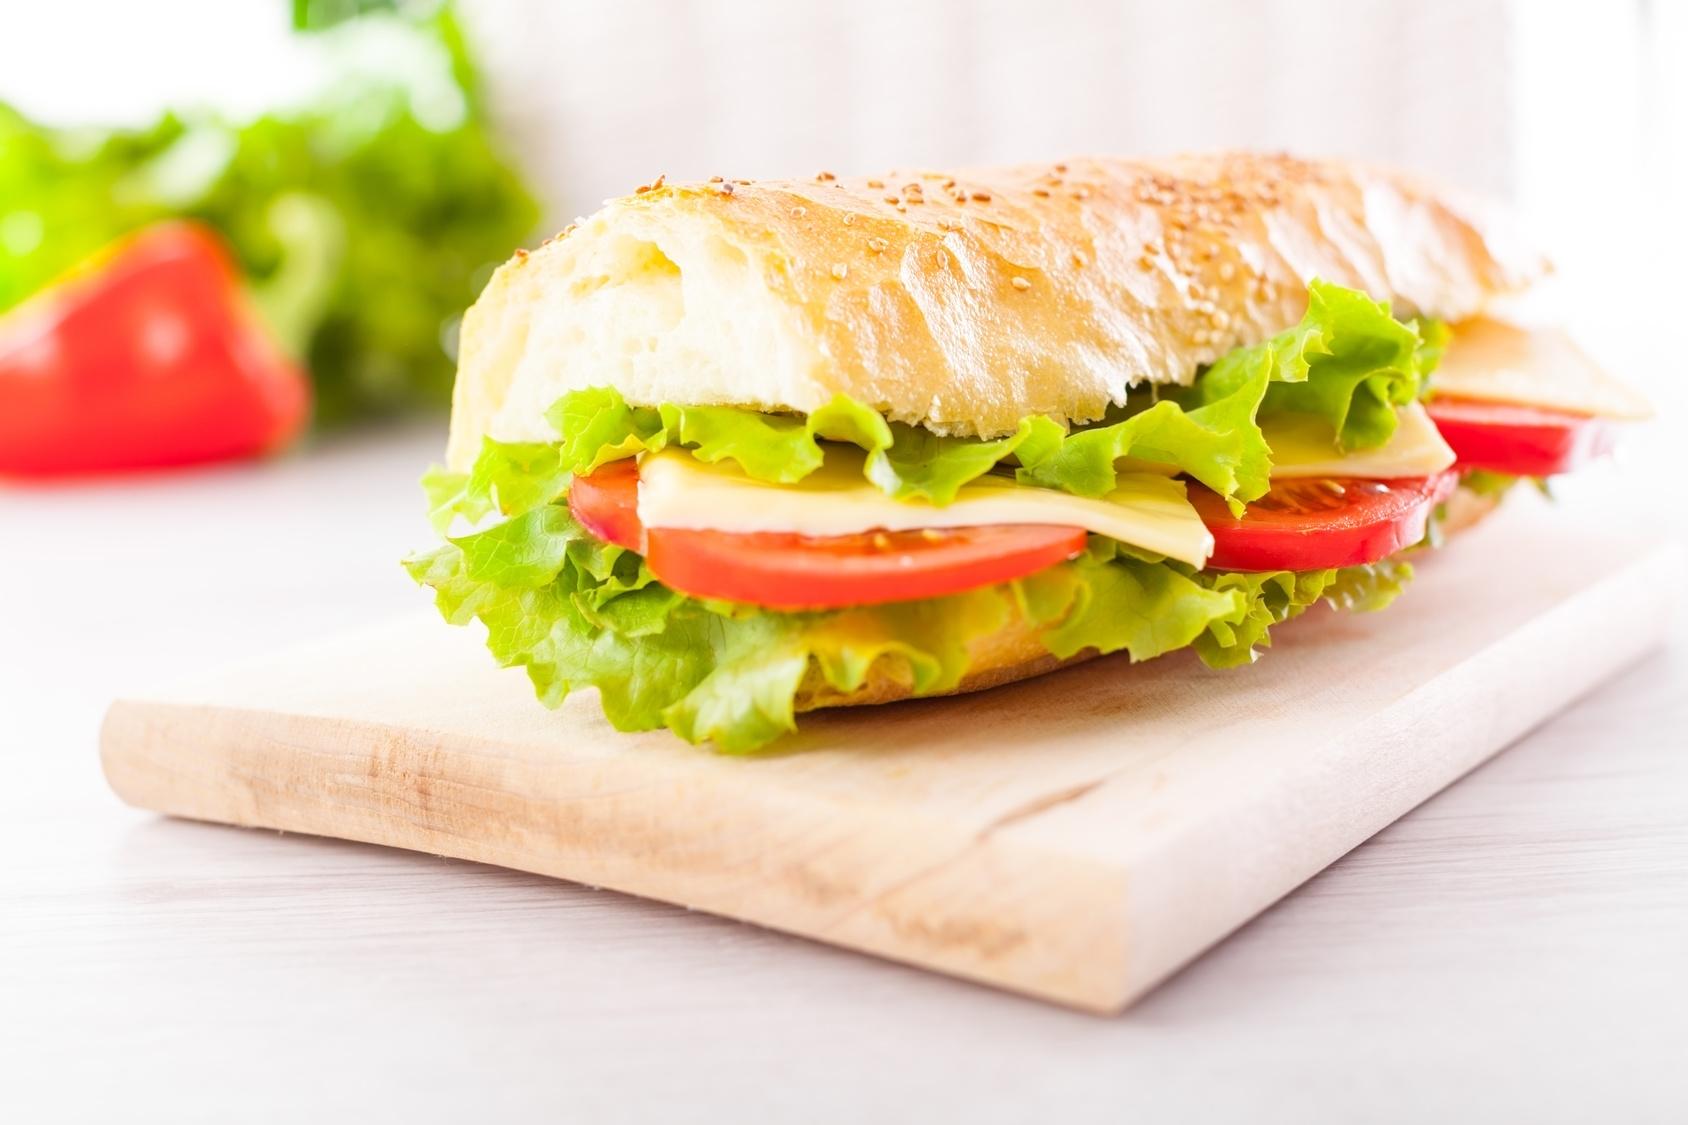 Salaattirasia, puolikas täytetty patonki sekä kahvi tai tee yhdelle tai kahdelle alk. vain 6€